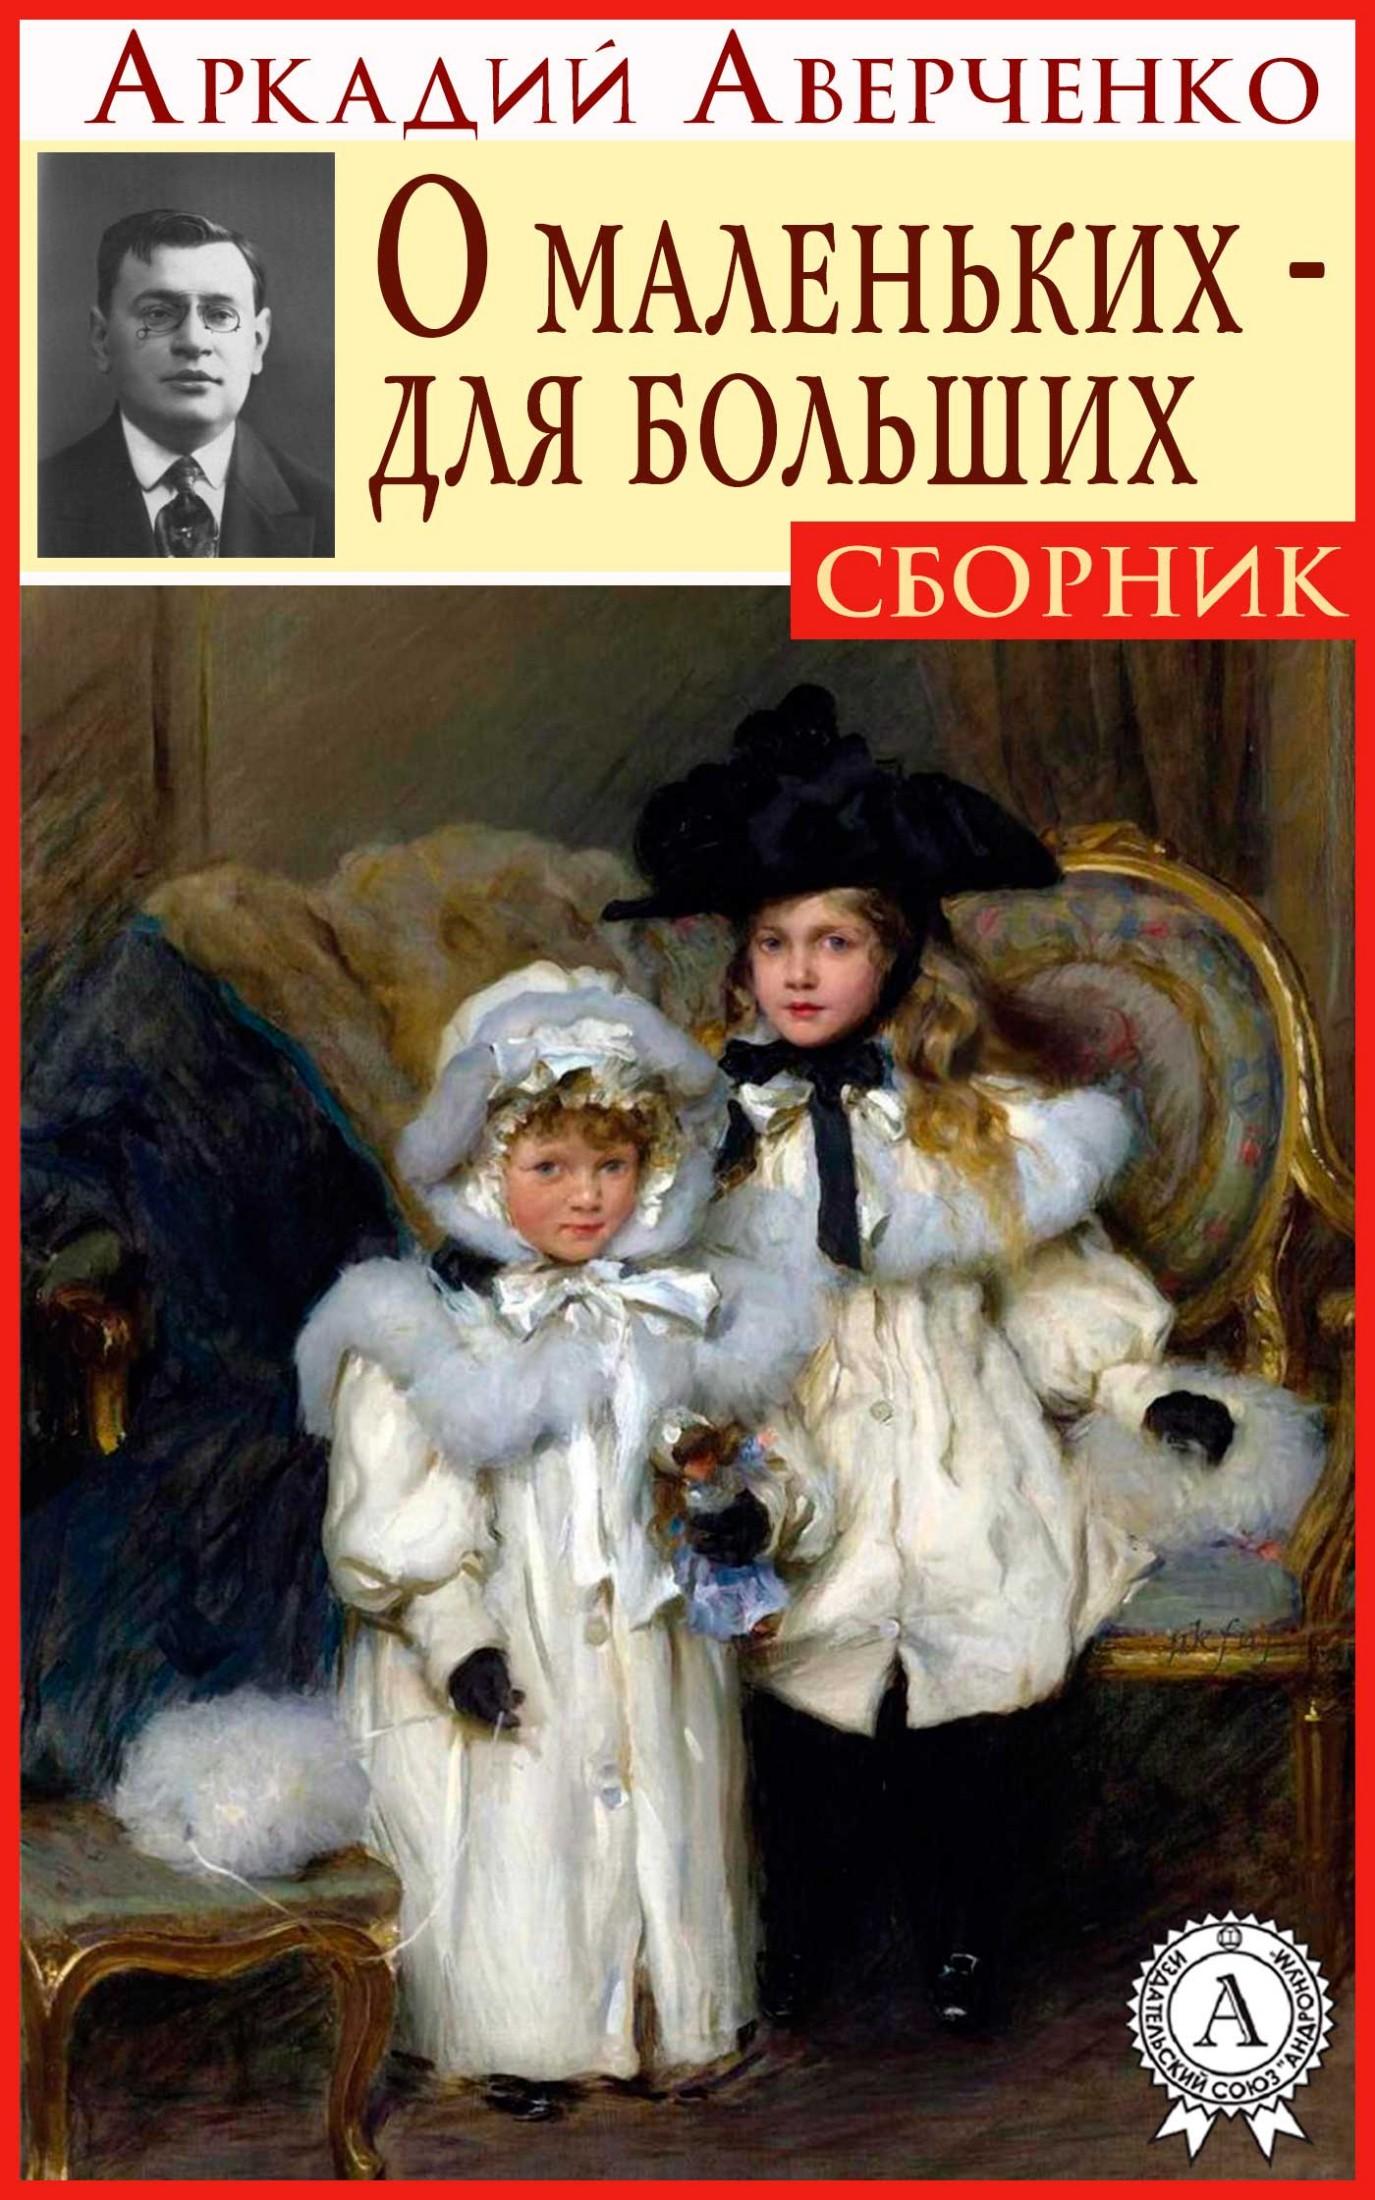 Аркадий Аверченко О маленьких - для больших